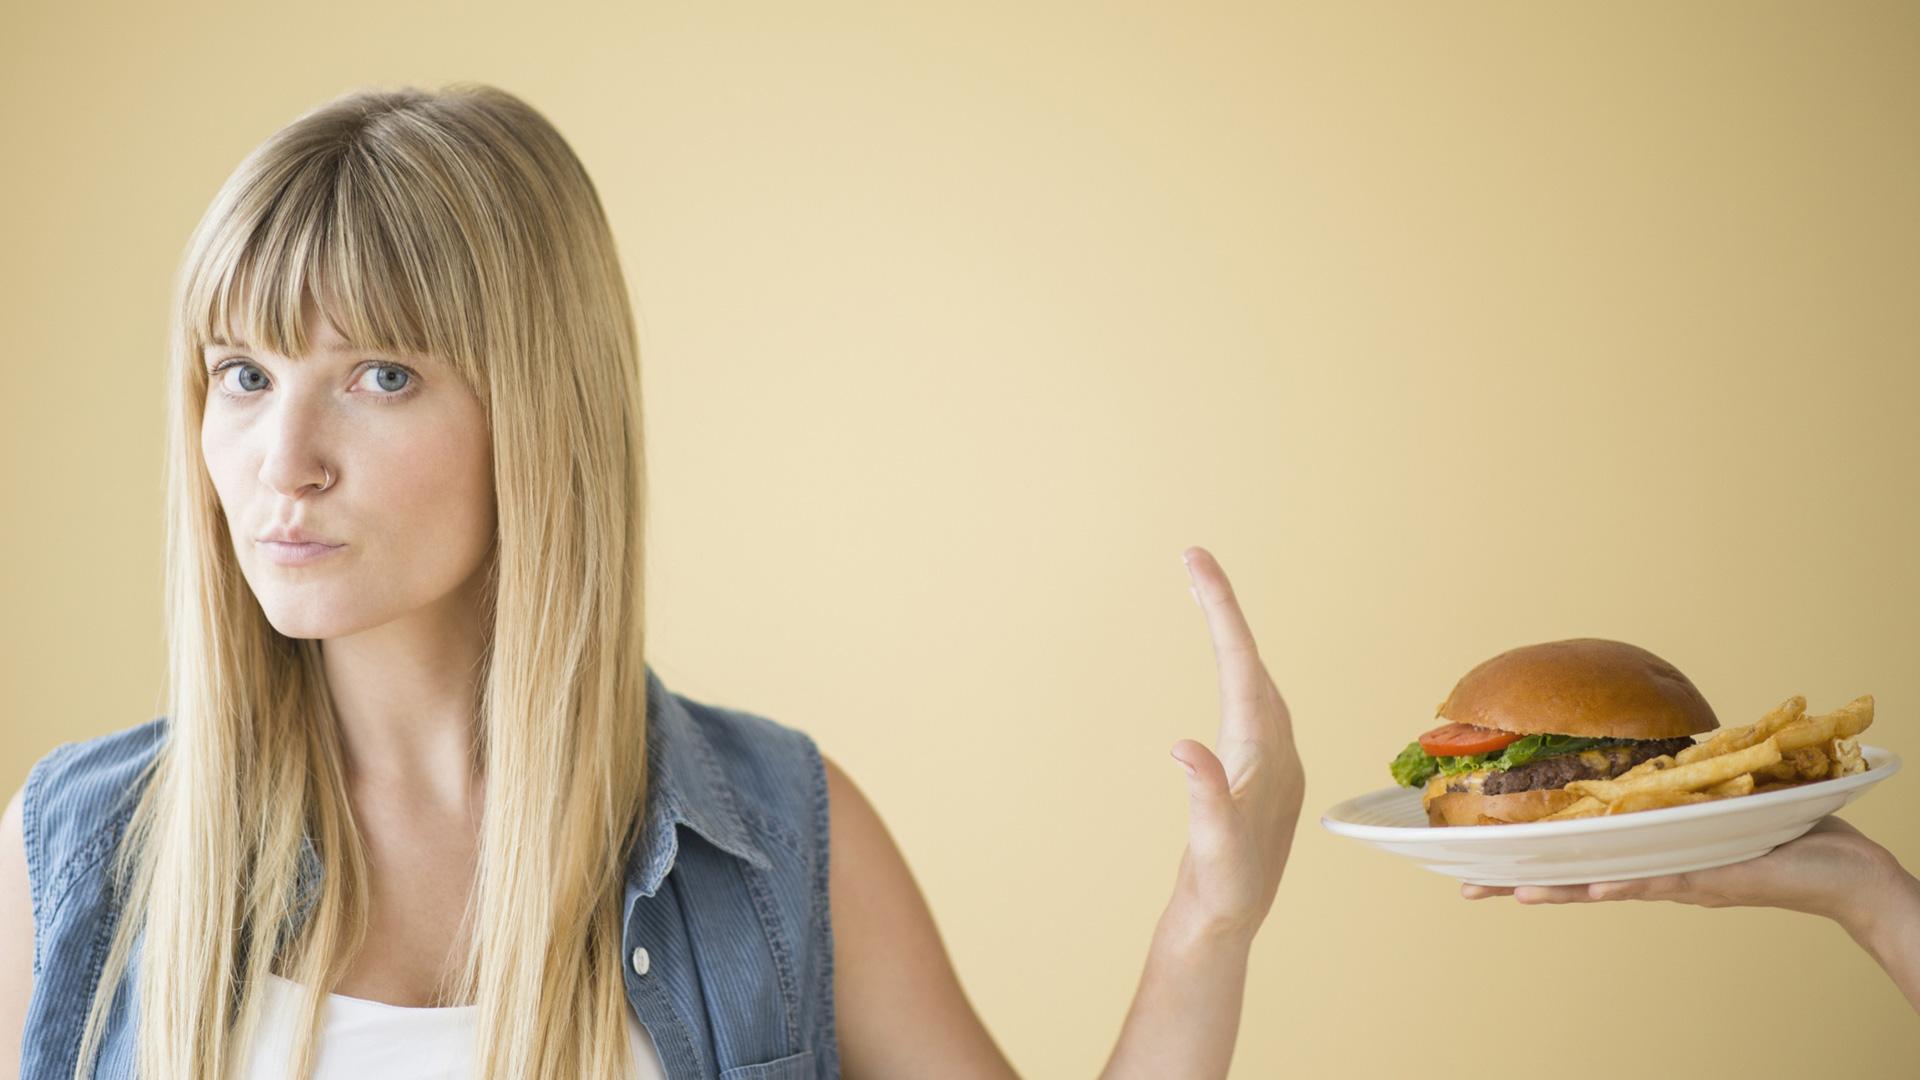 Woman saying no to hamburger